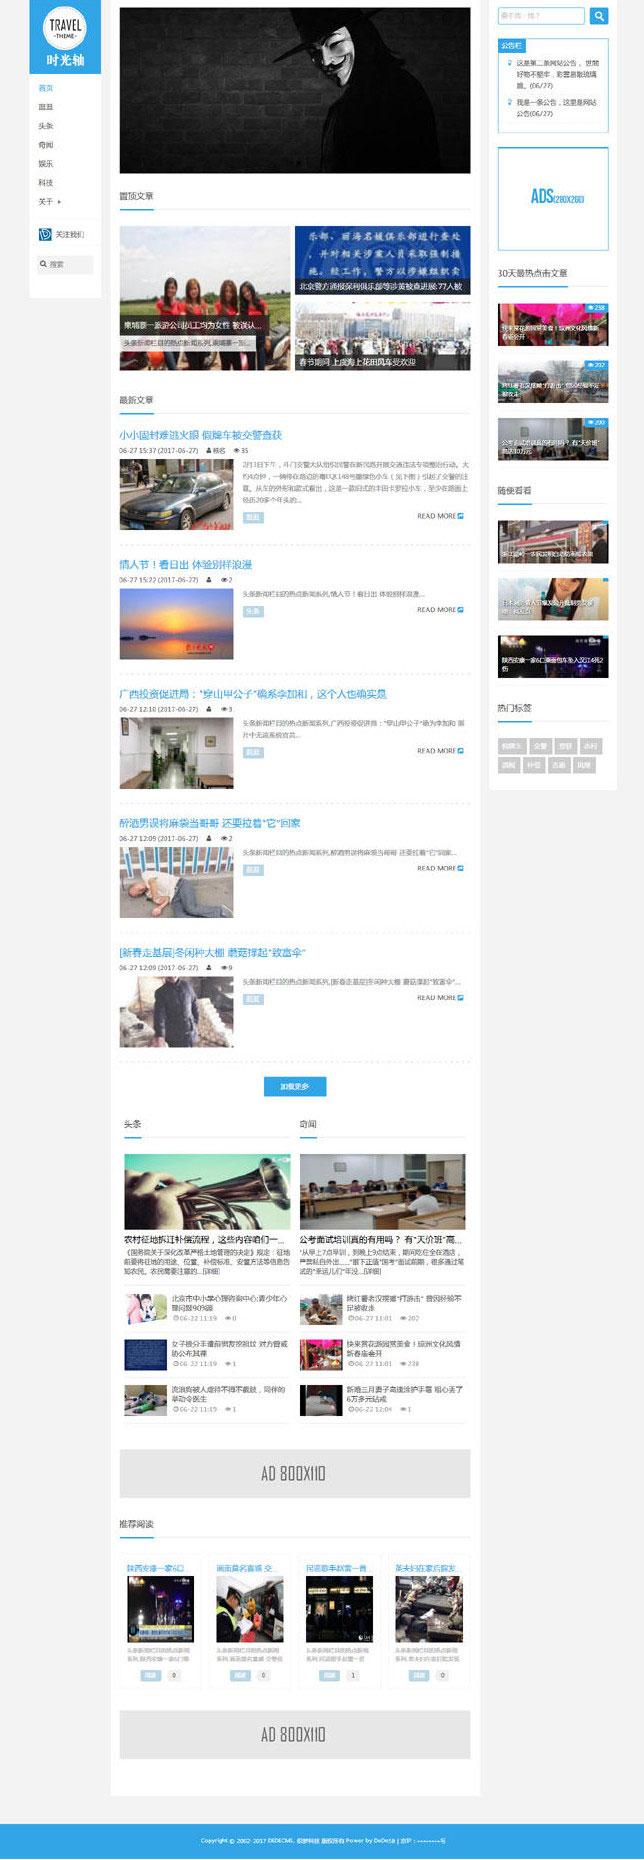 织梦个人博客自媒体文章资讯网站模板(自适应手机移动端) 第1张